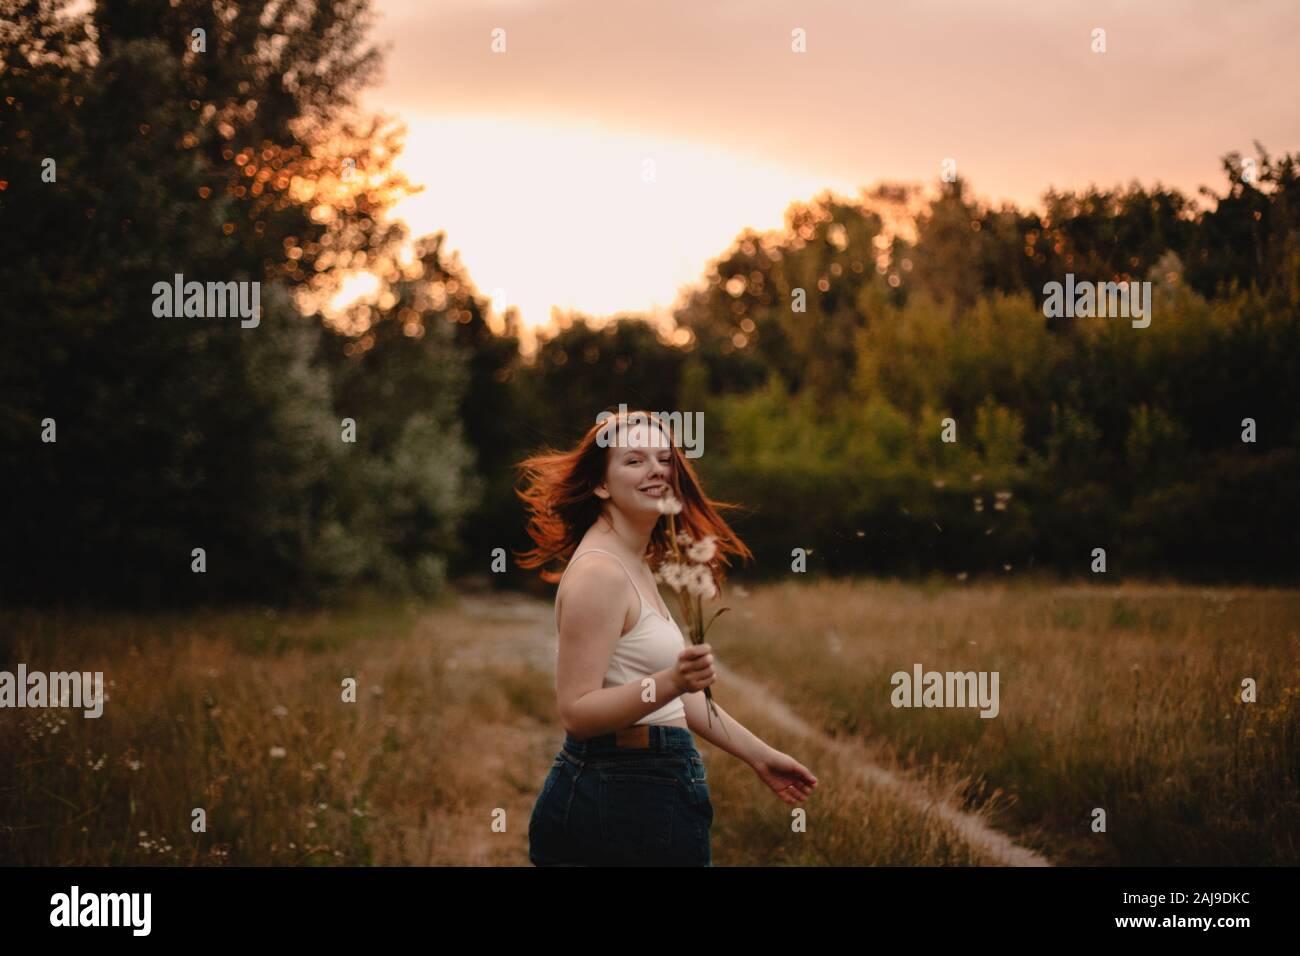 Mujer joven mirando hacia atrás mientras corre en el campo en el bosque en verano Foto de stock